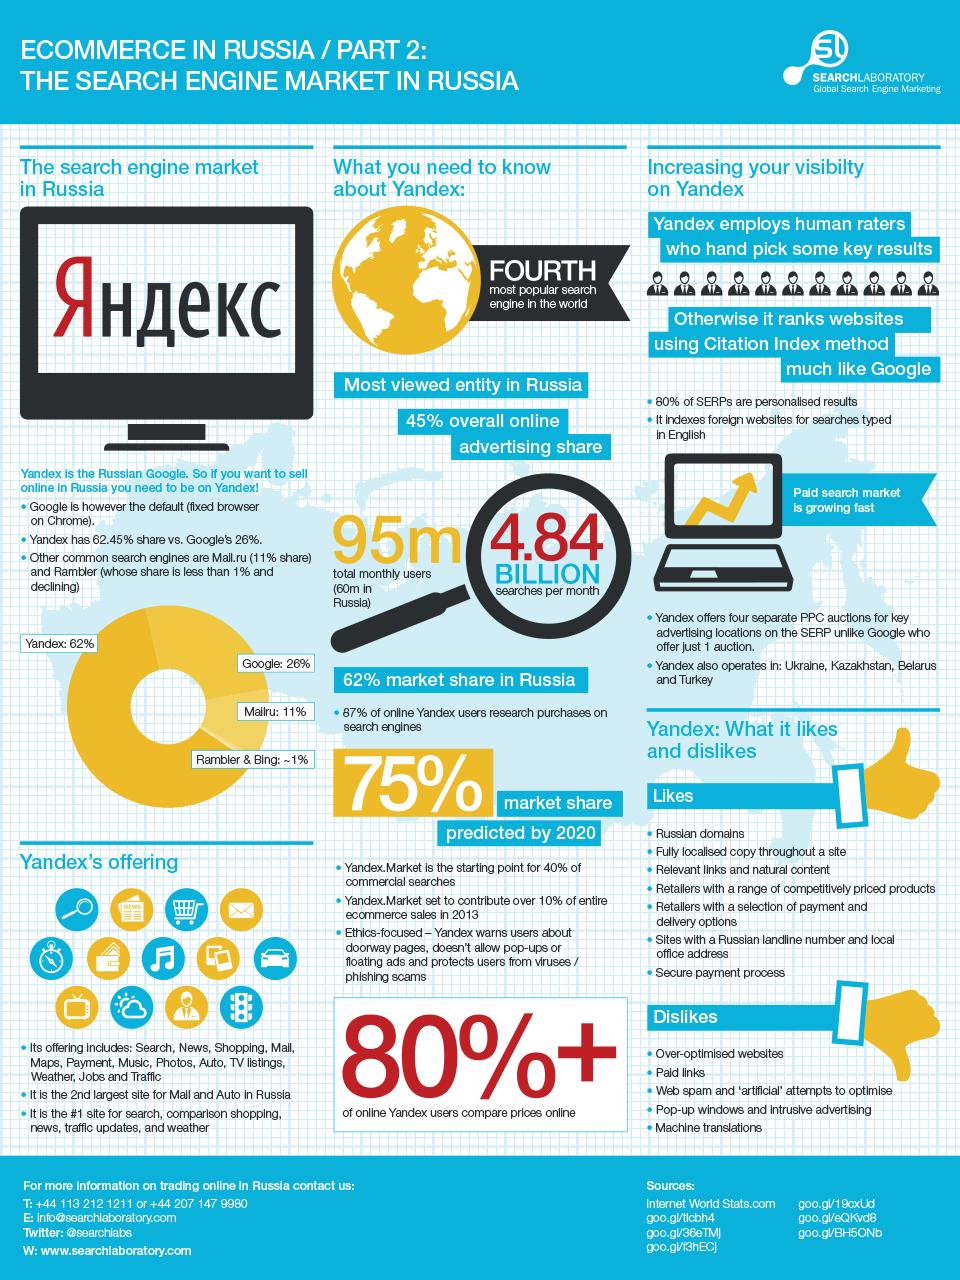 Russian ecommerce